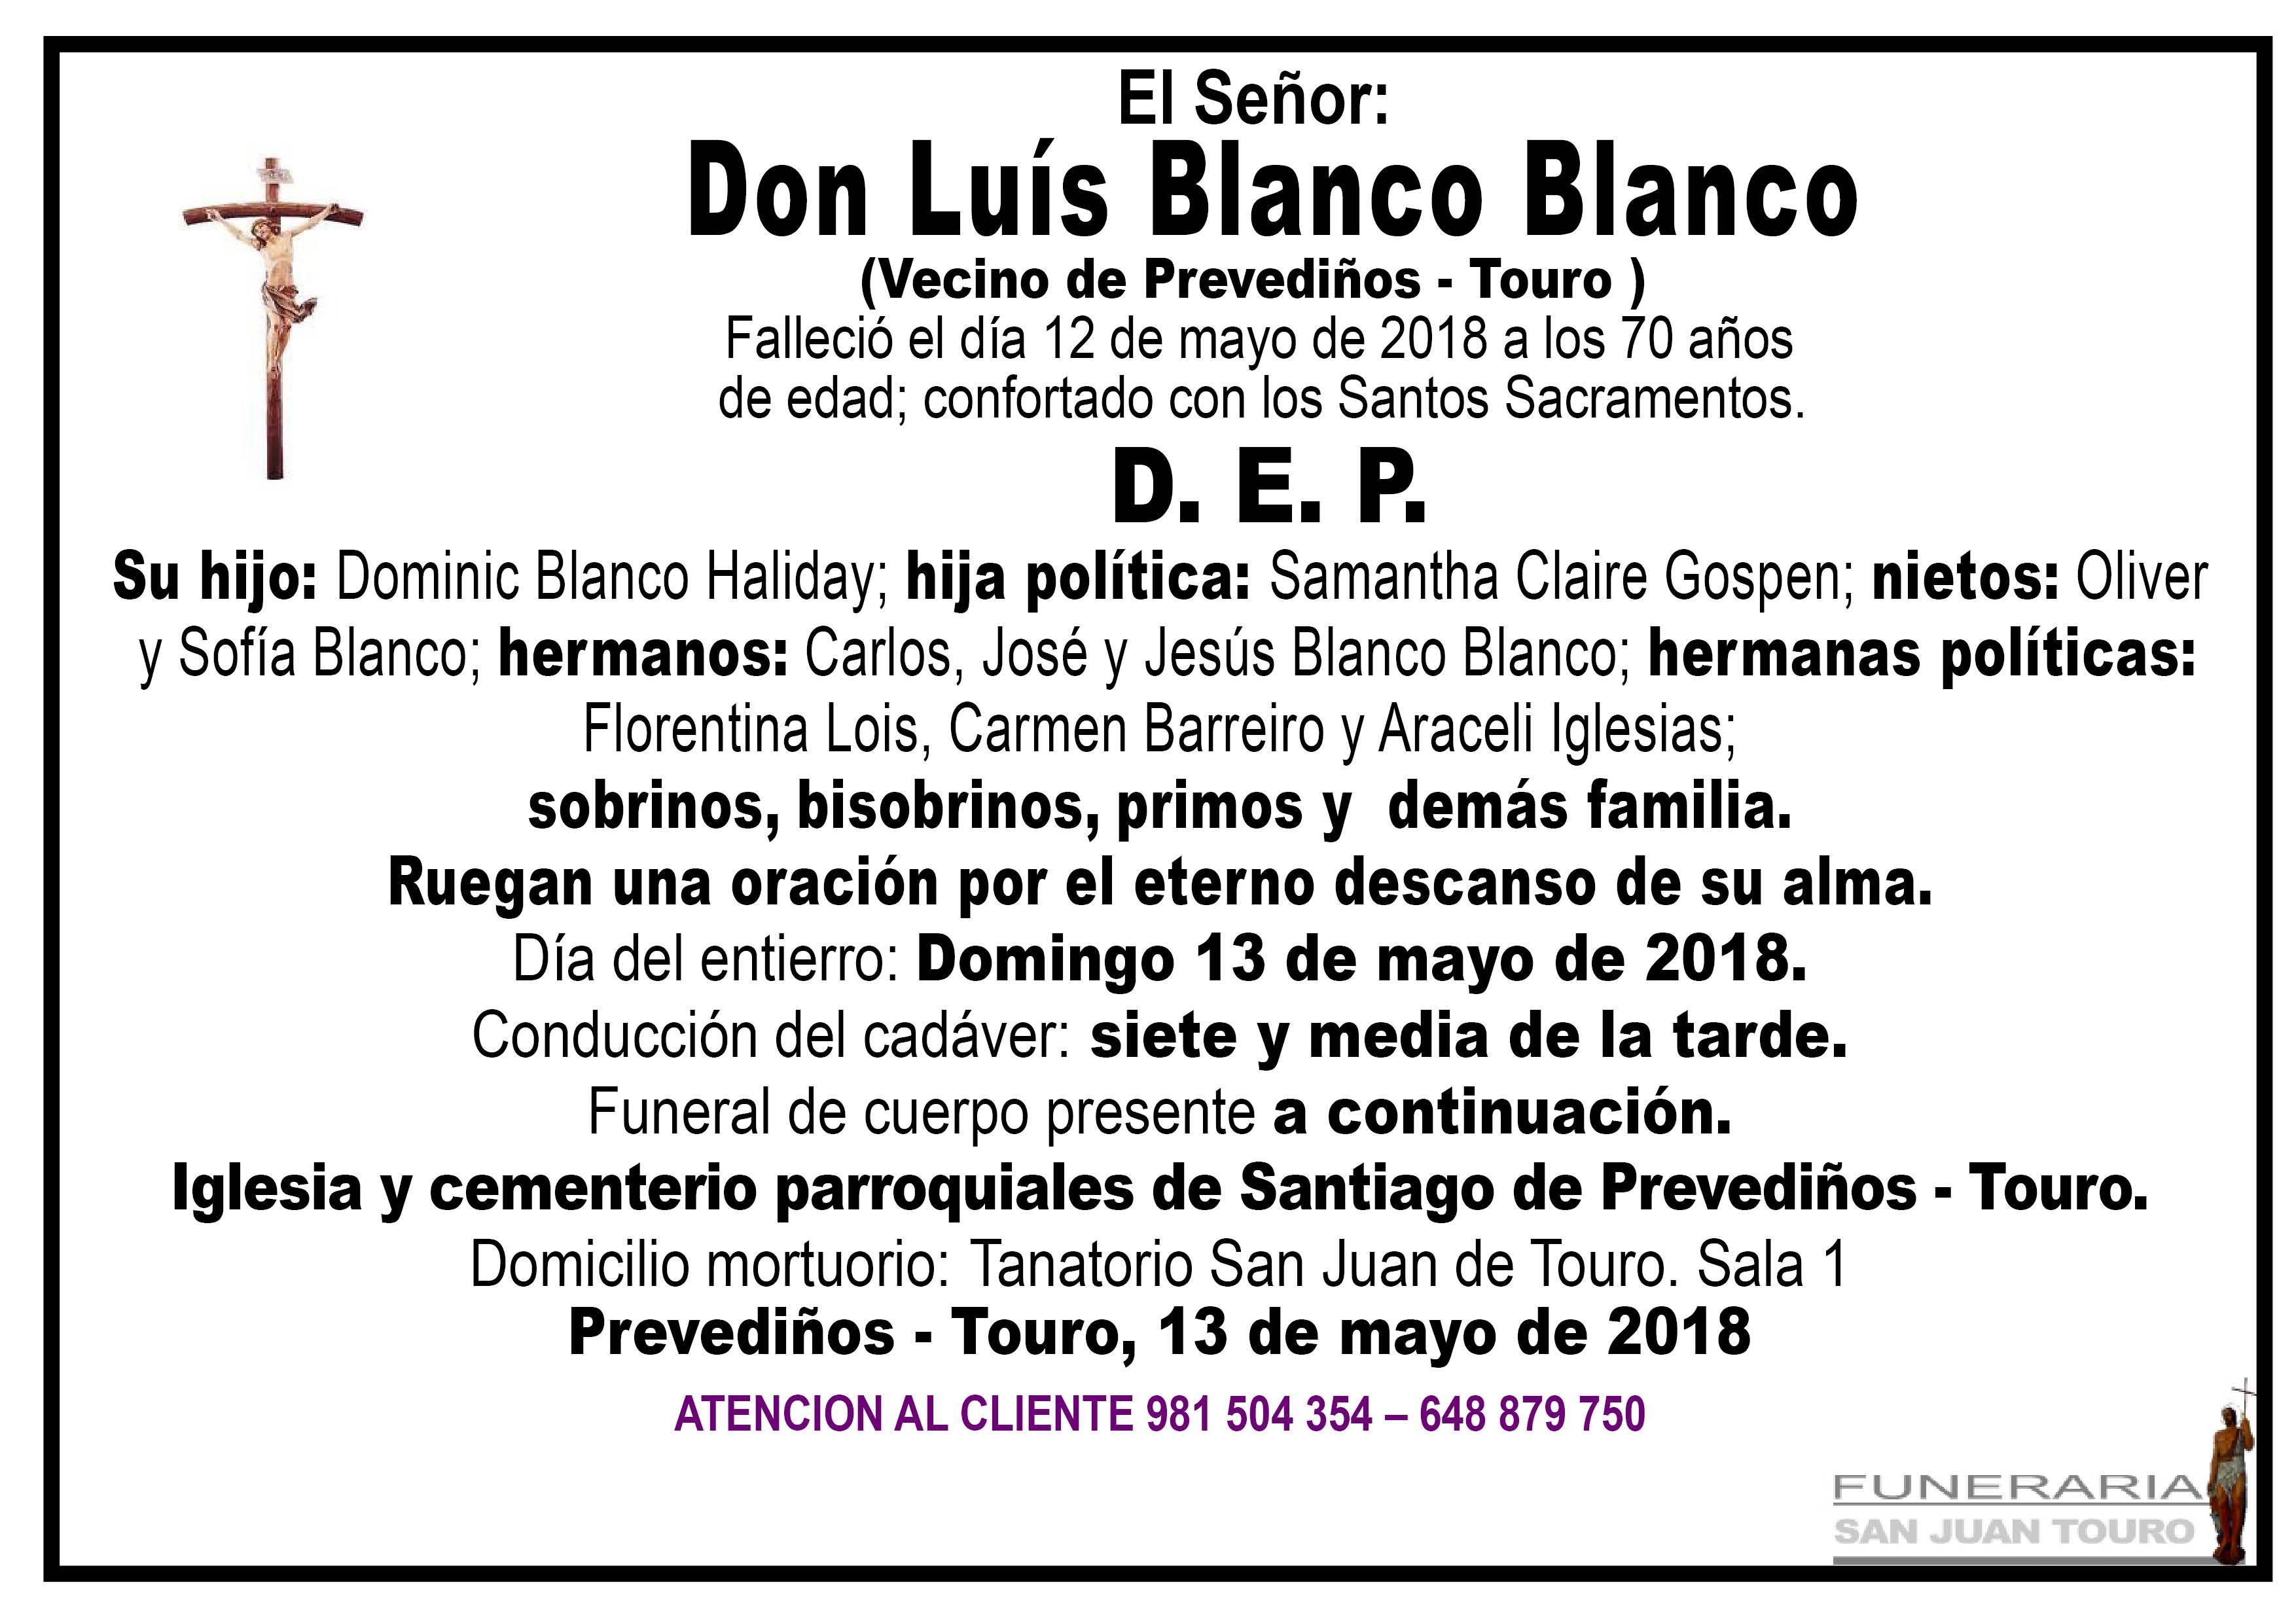 Esquela de SEPELIO DE DON LUIS BLANCO BLANCO